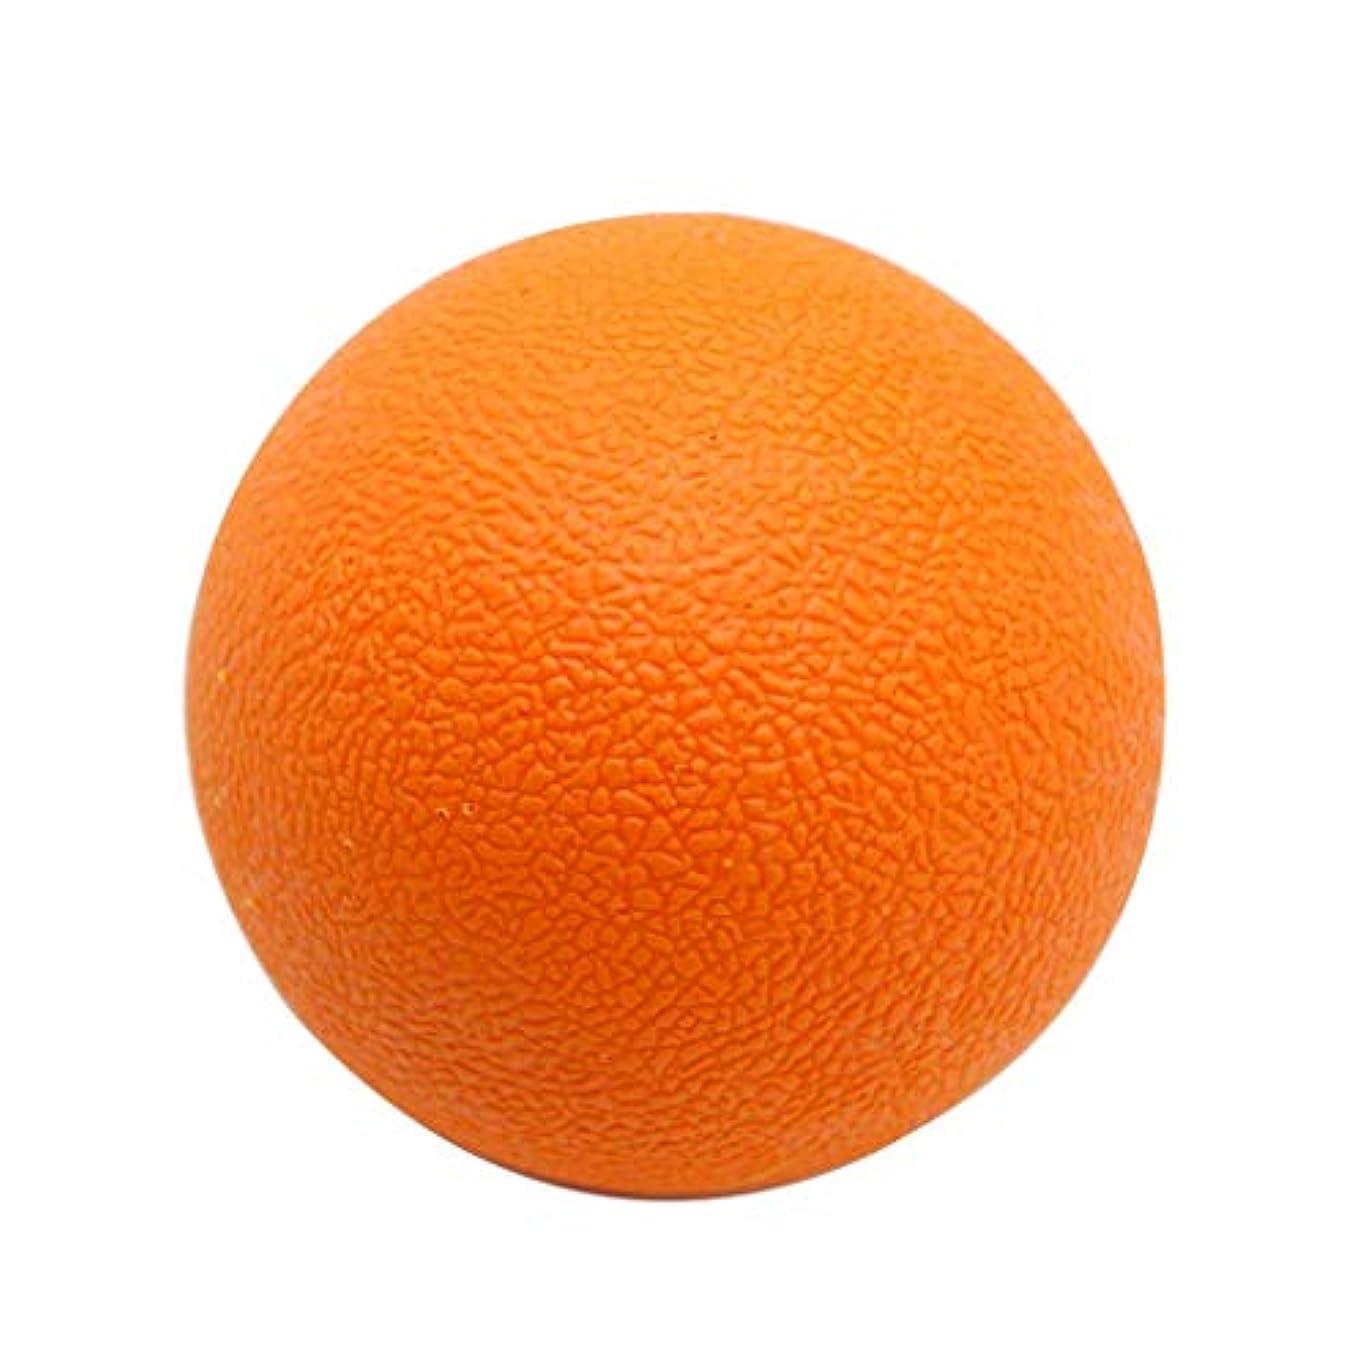 テント愚かポゴスティックジャンプBaoblaze ラクロスボール マッサージボール トリガーポイント 筋膜リリース 背中 首 ツボ押しグッズ オレンジ